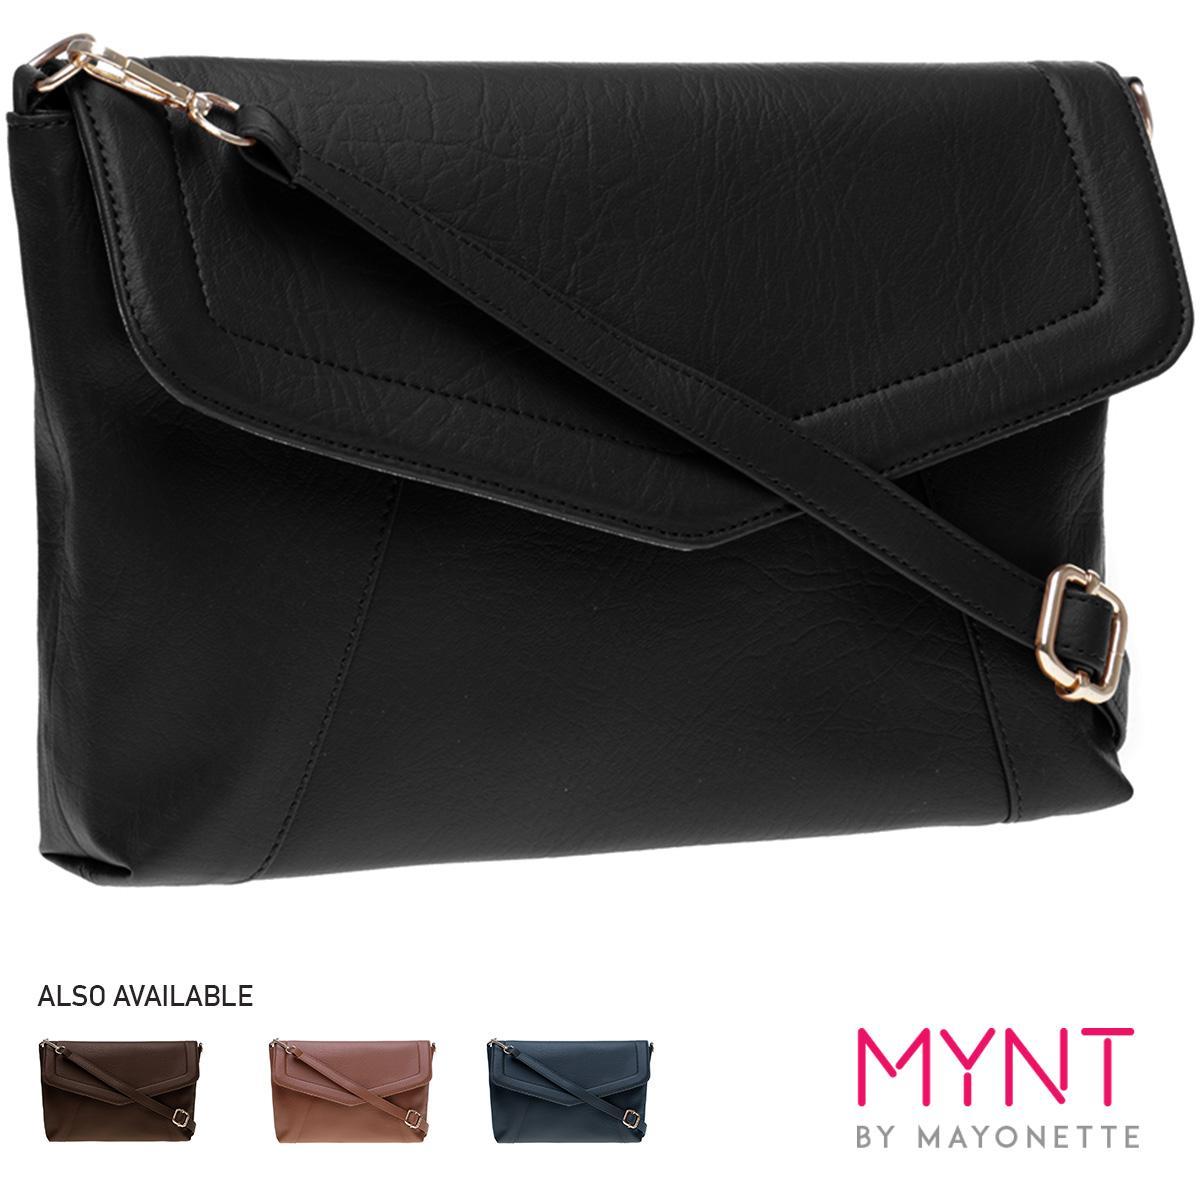 MYNT by Mayonette Tas wanita Tas Fashion Tas Selempang Crossbody Branded Trendy Bags Felipe Sling (Hitam)